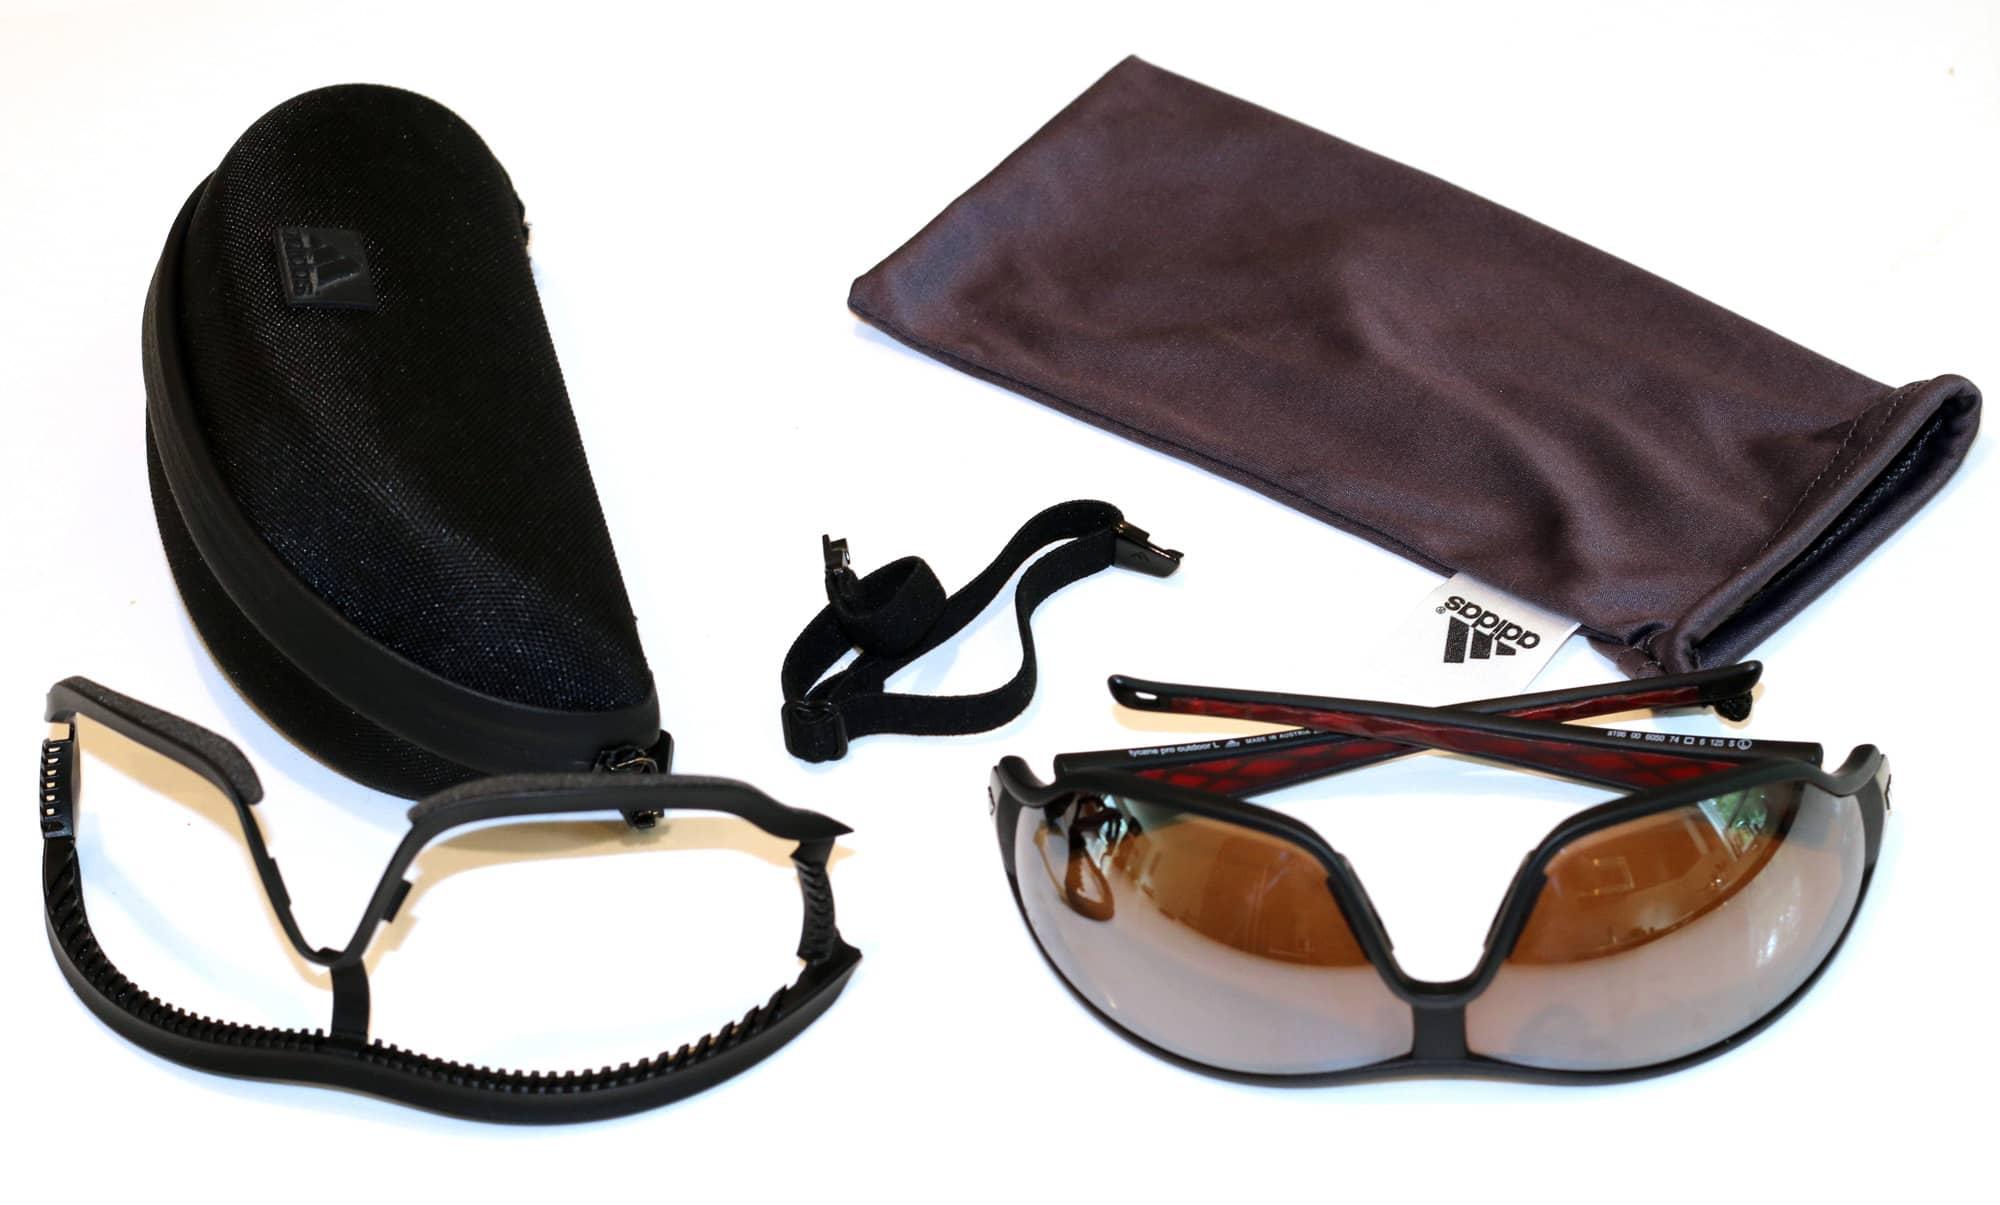 Pila de Antagonismo profundo  Review: Adidas Tycane Pro Outdoor Sunglasses - Black Sheep Adventure Sports